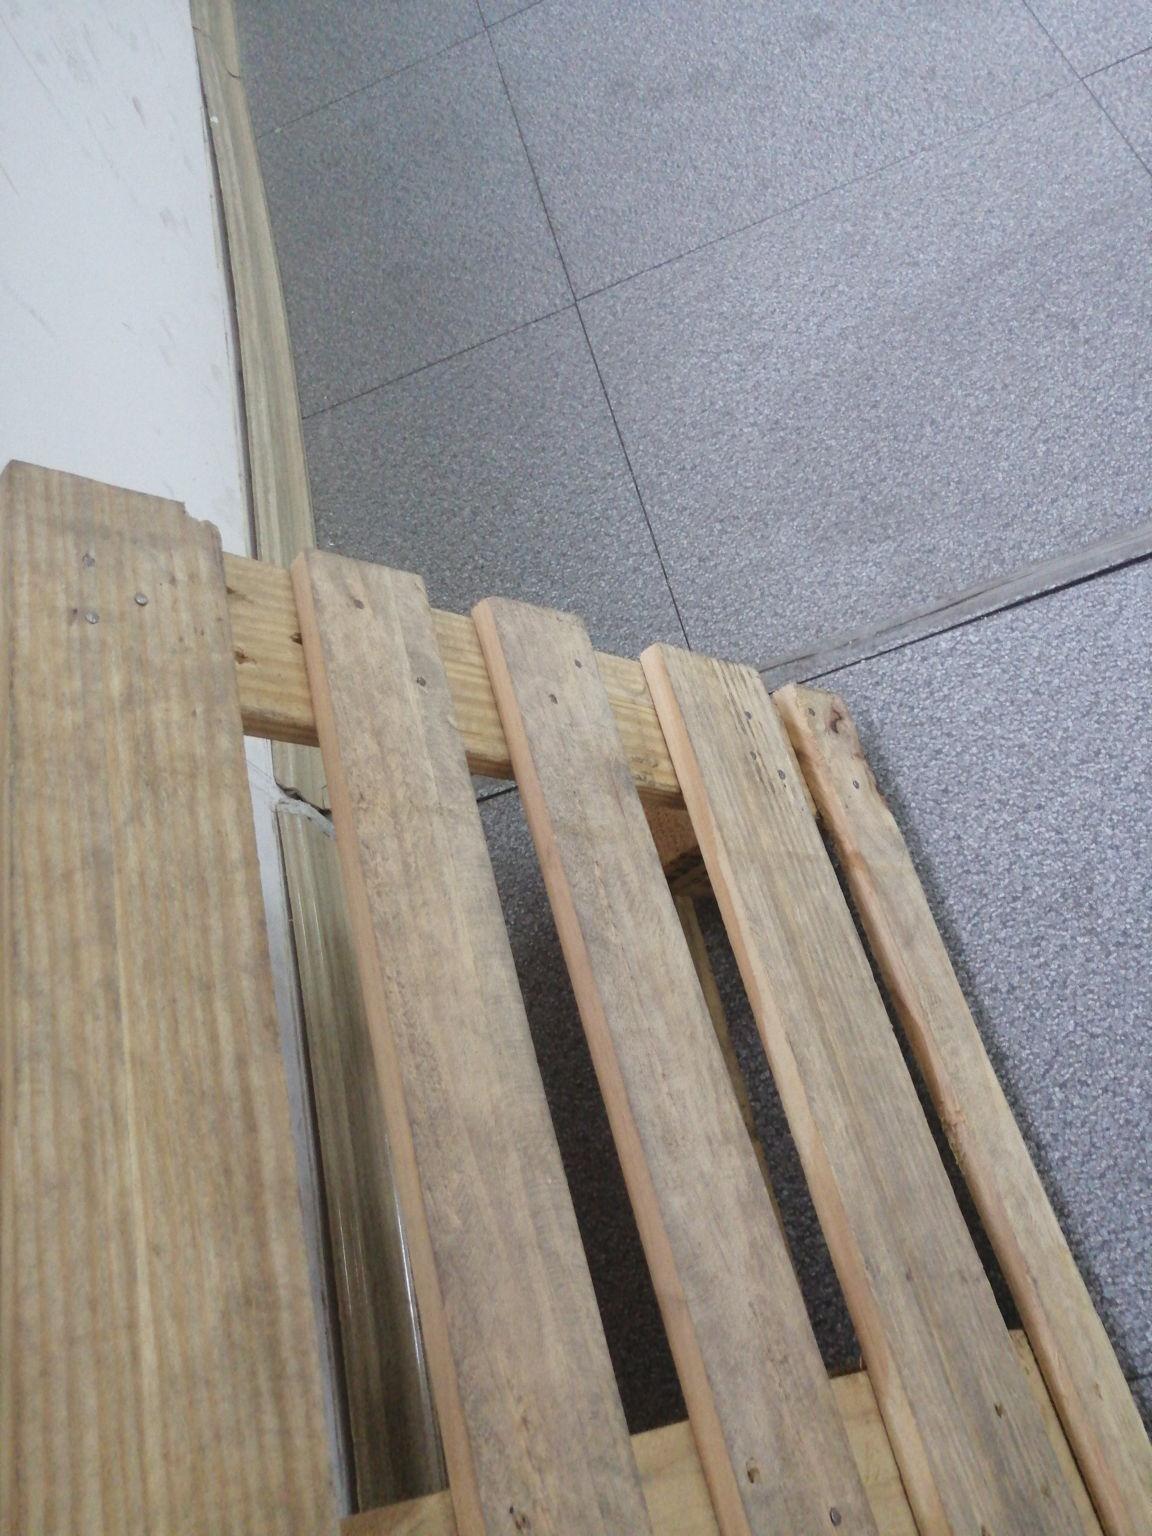 嘉兴求购标准木托盘厂家批发市场高支架木托盘,ぽ♭ㇴ▸⅘铝合金